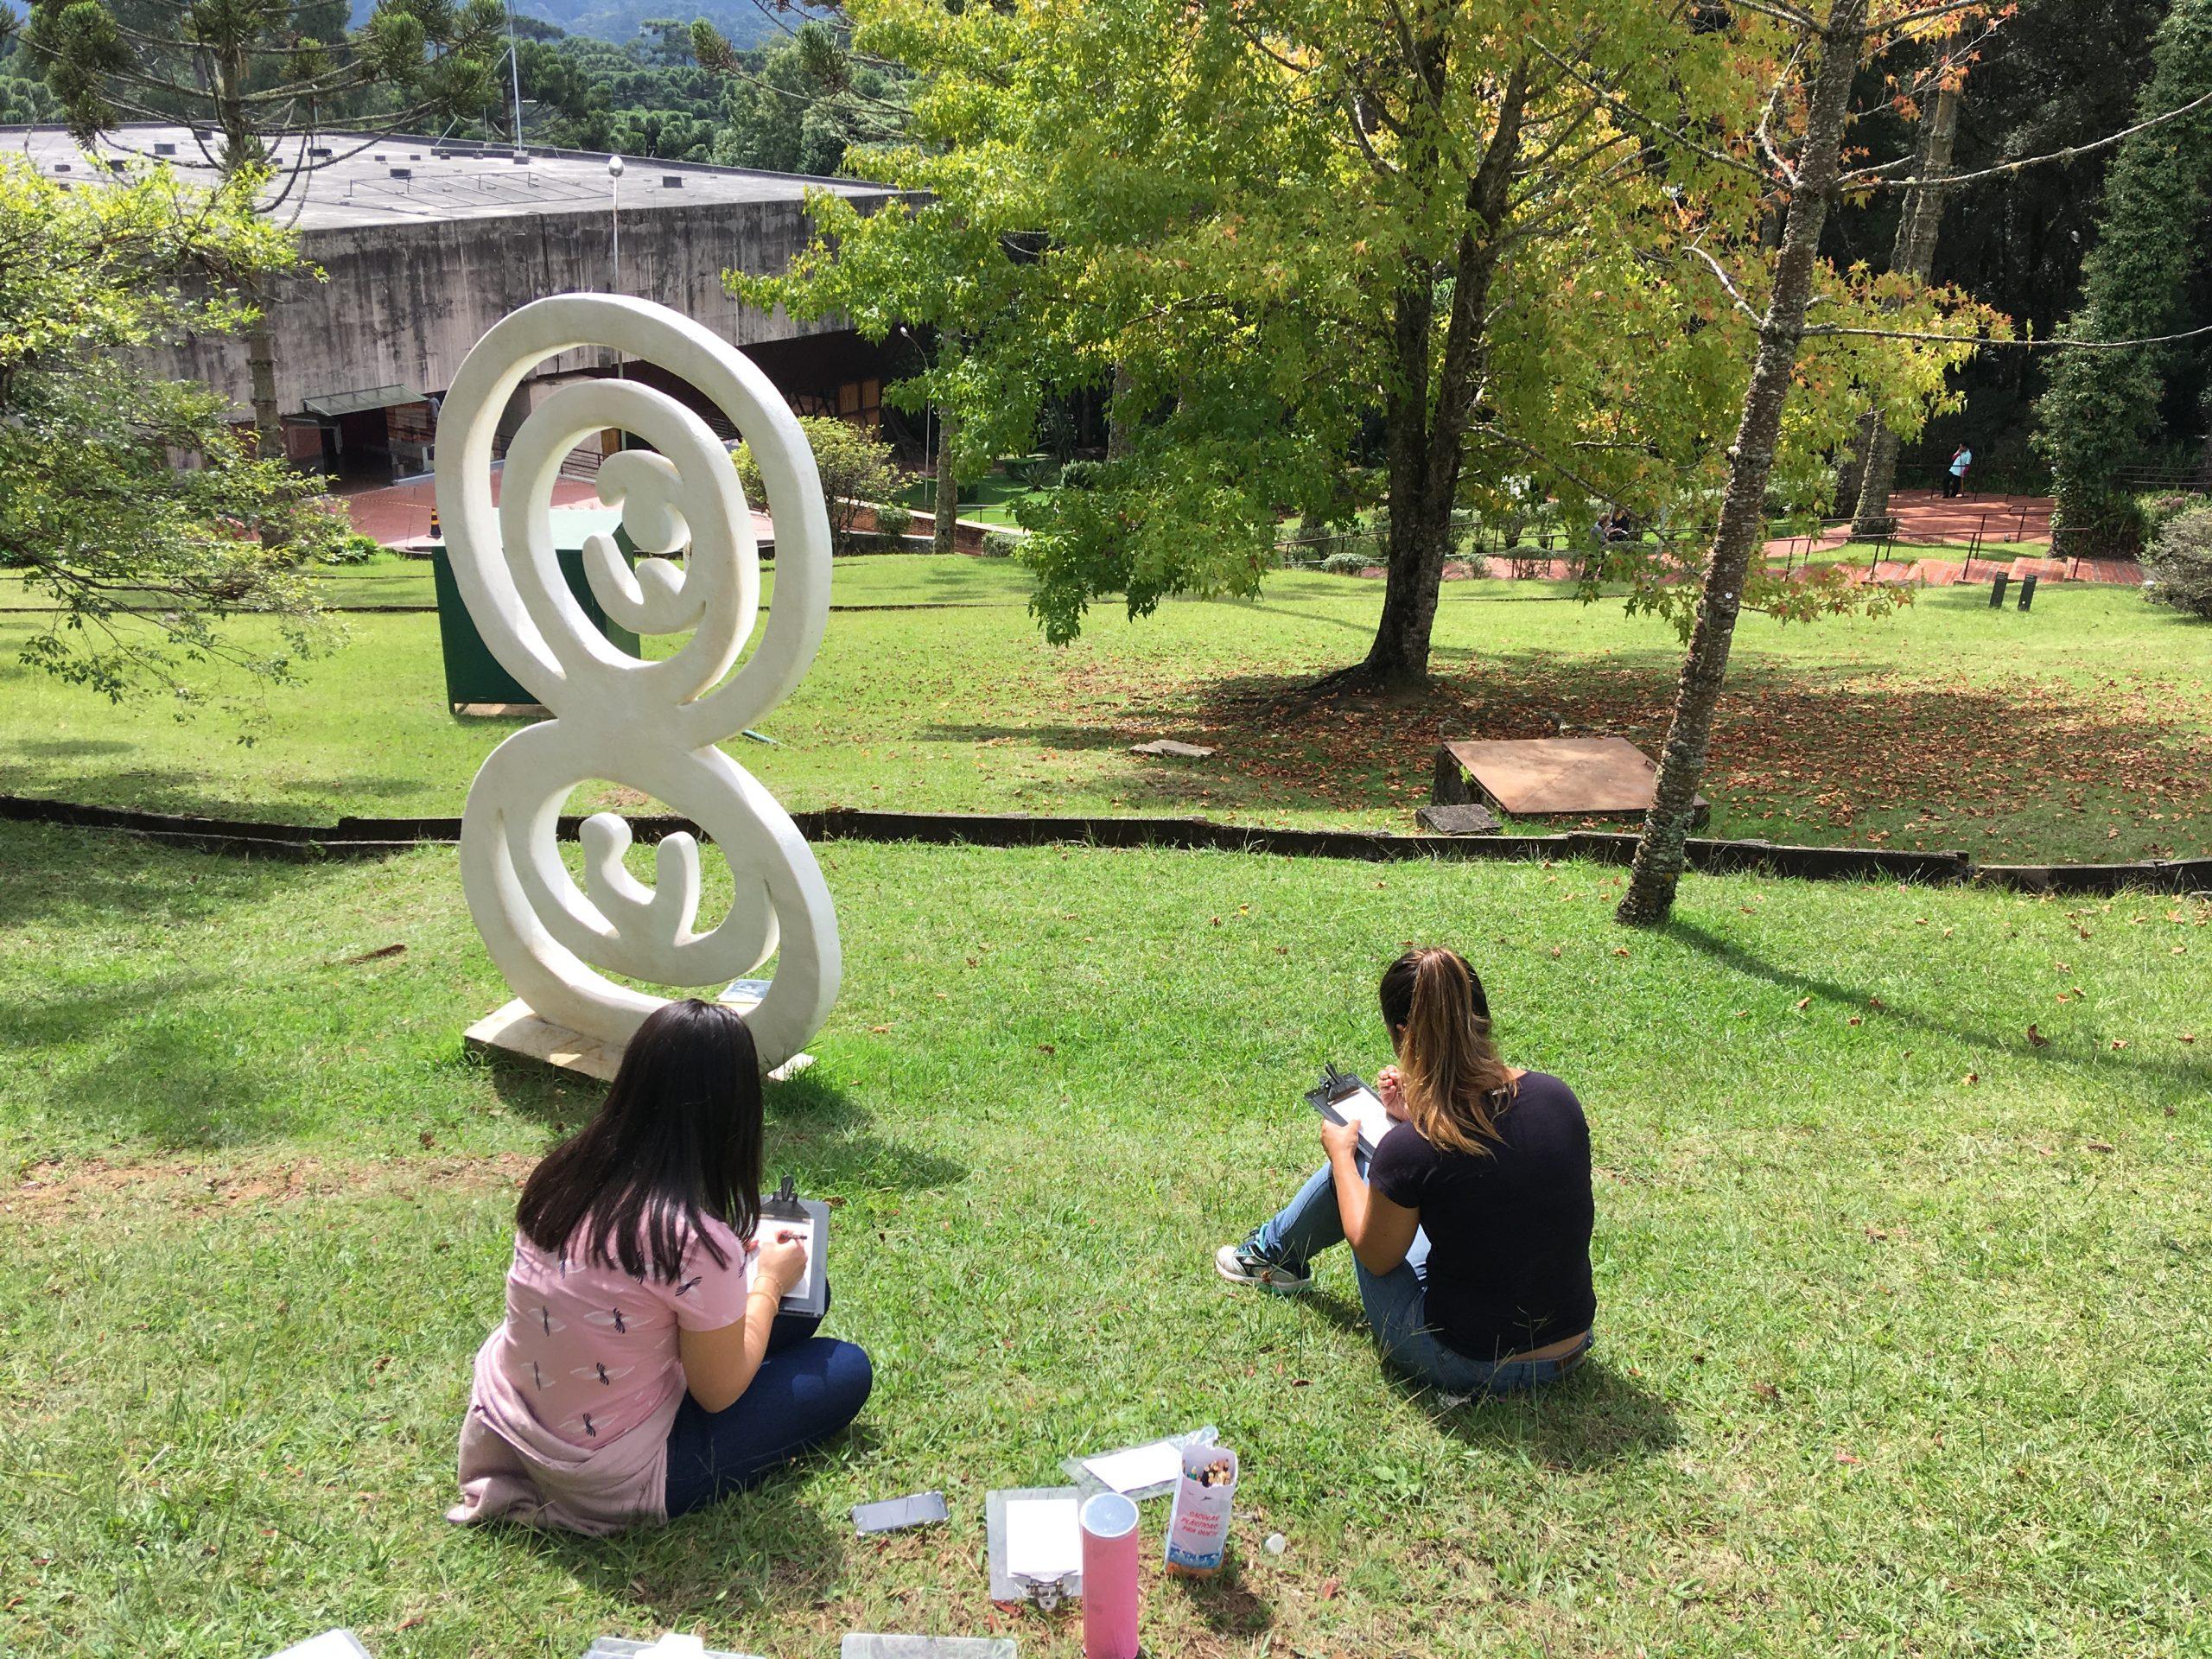 """Duas mulheres estão sentadas próxima a escultura """"Nascimento"""" e estão realizando uma atividade com uso de prancheta e lápis coloridos."""